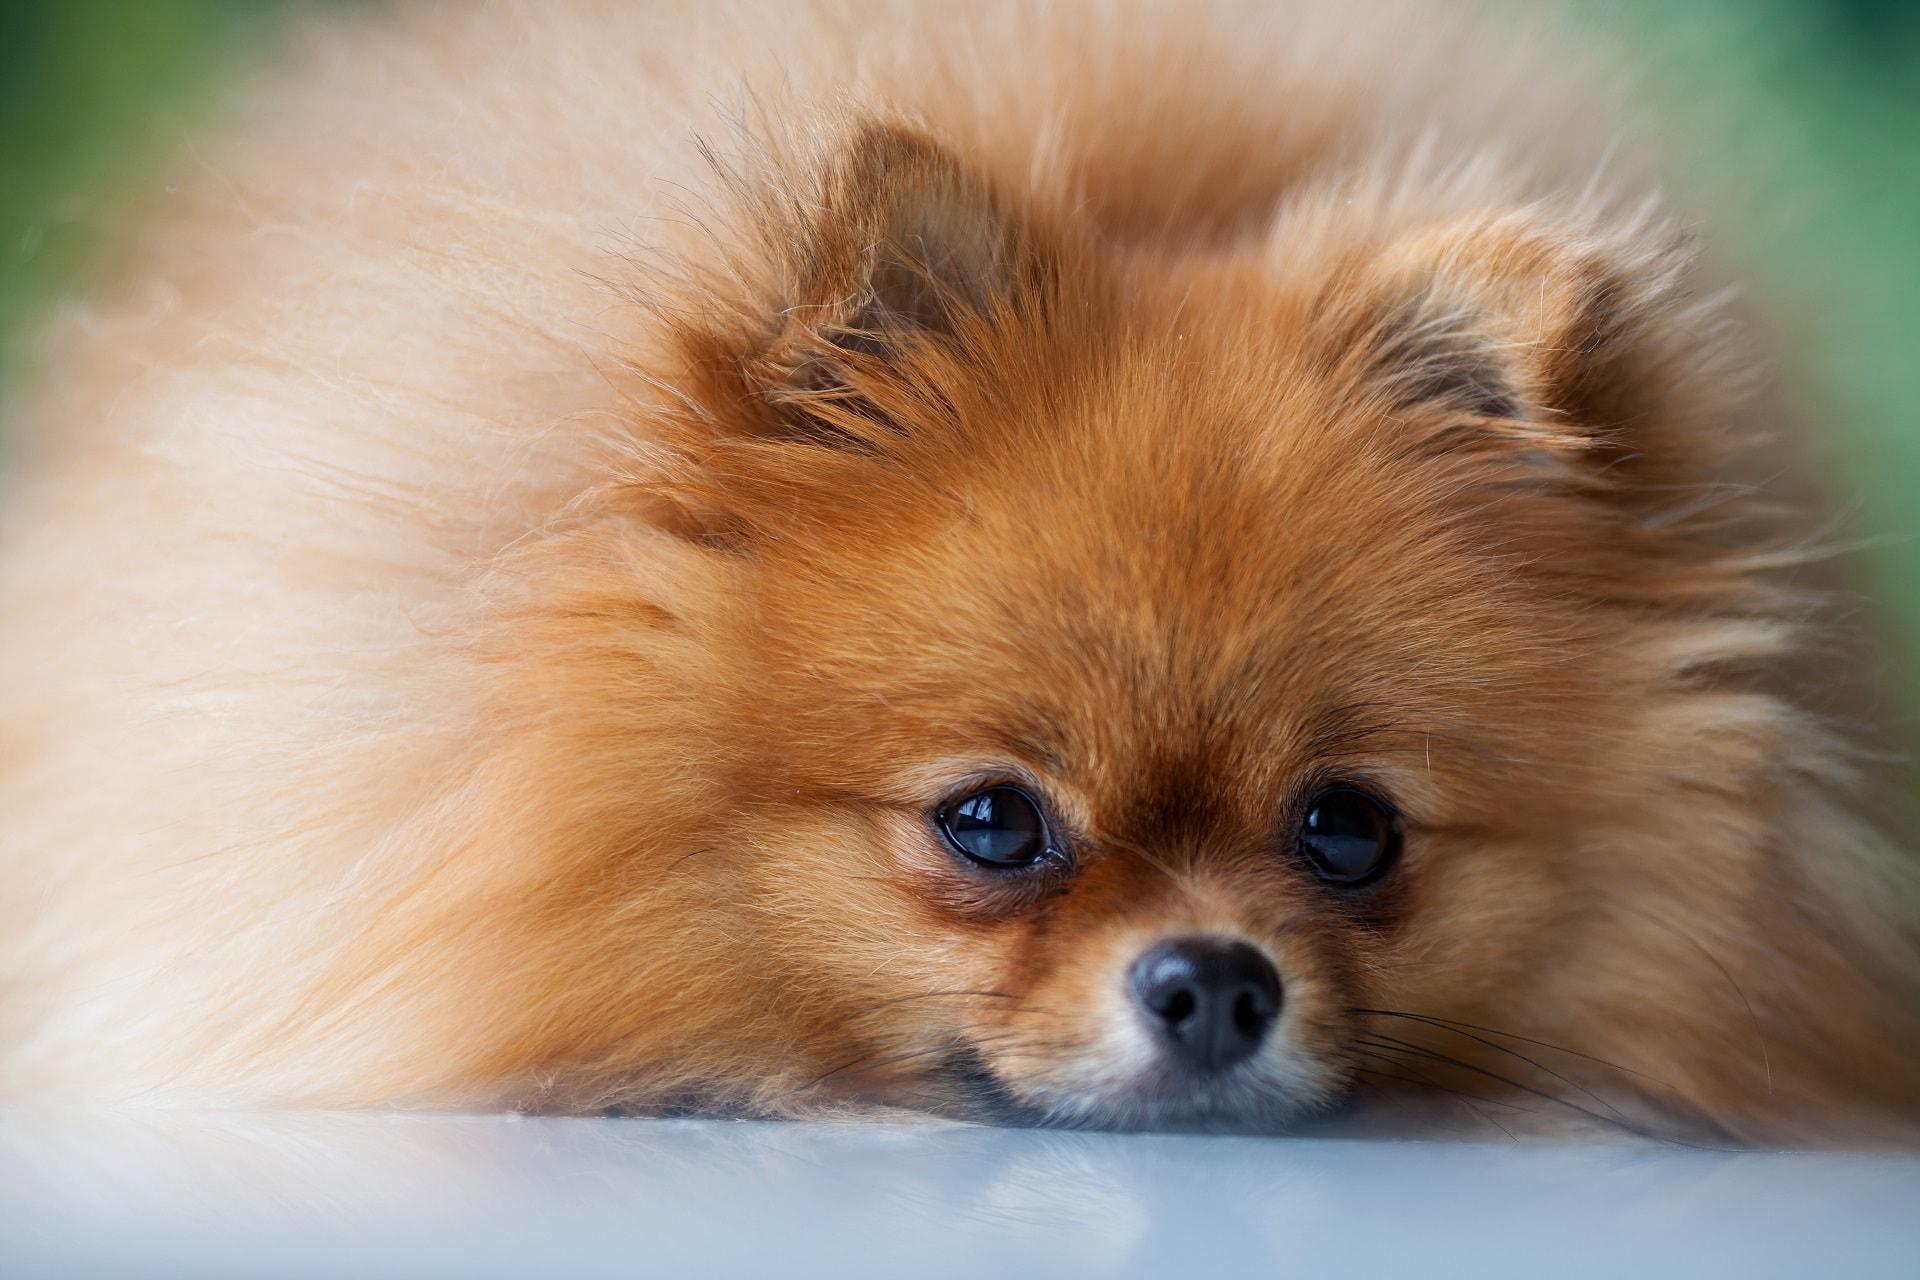 najmniejsze rasy psów